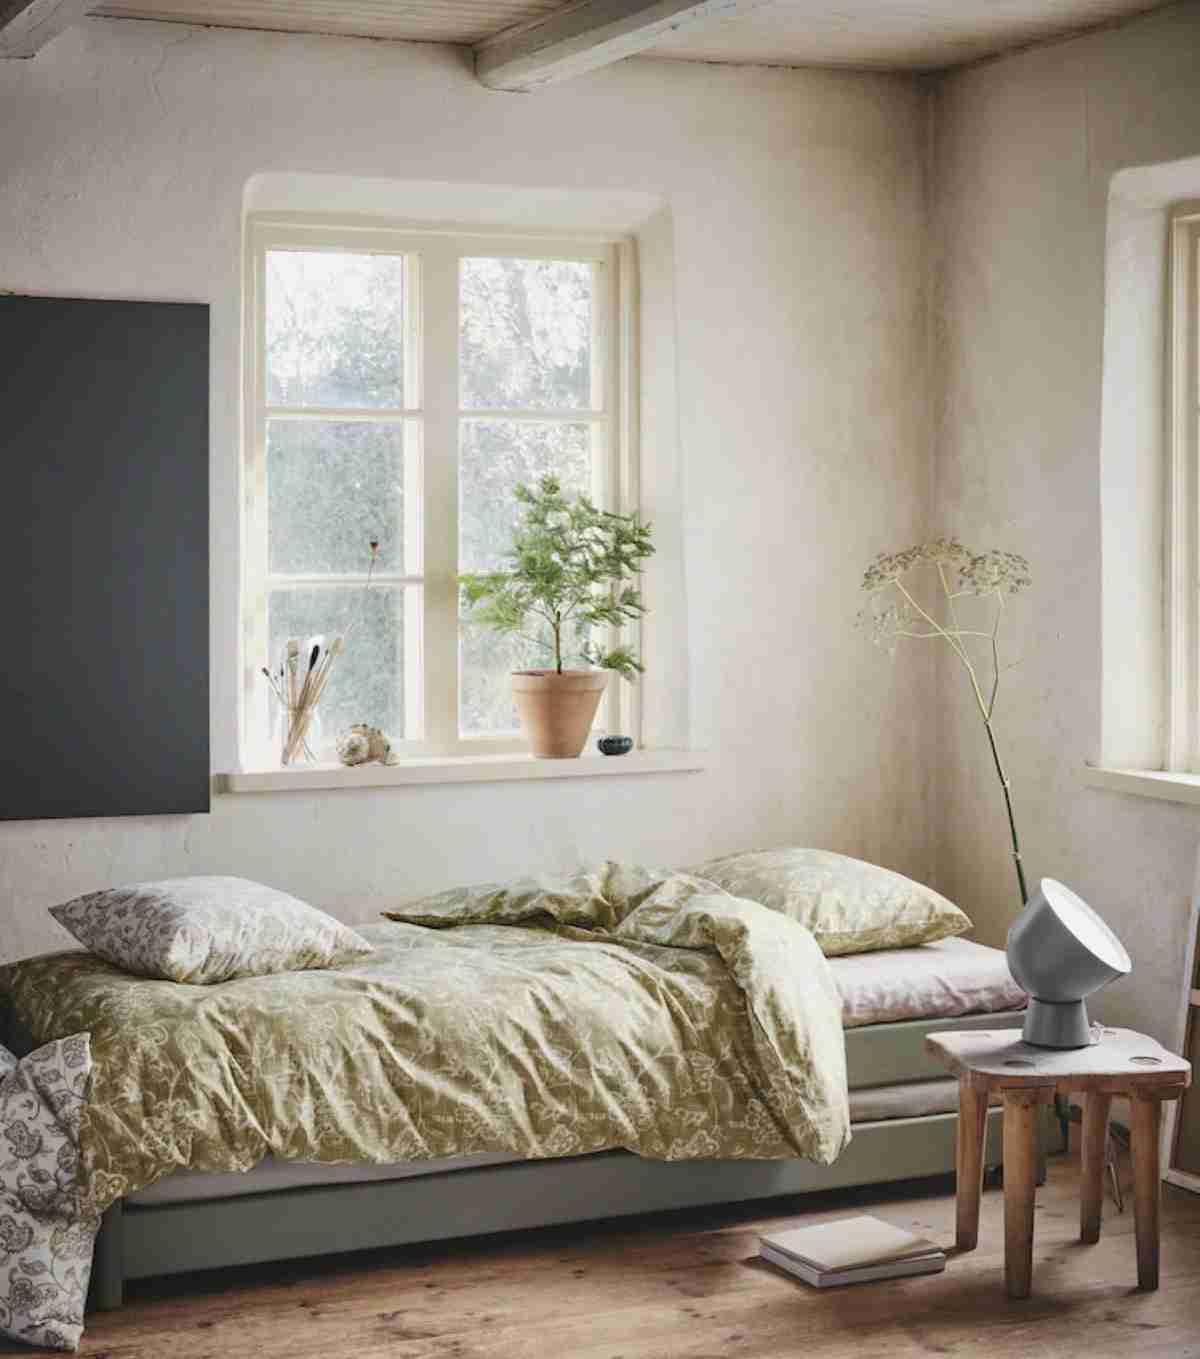 dormitorio con estampado floral